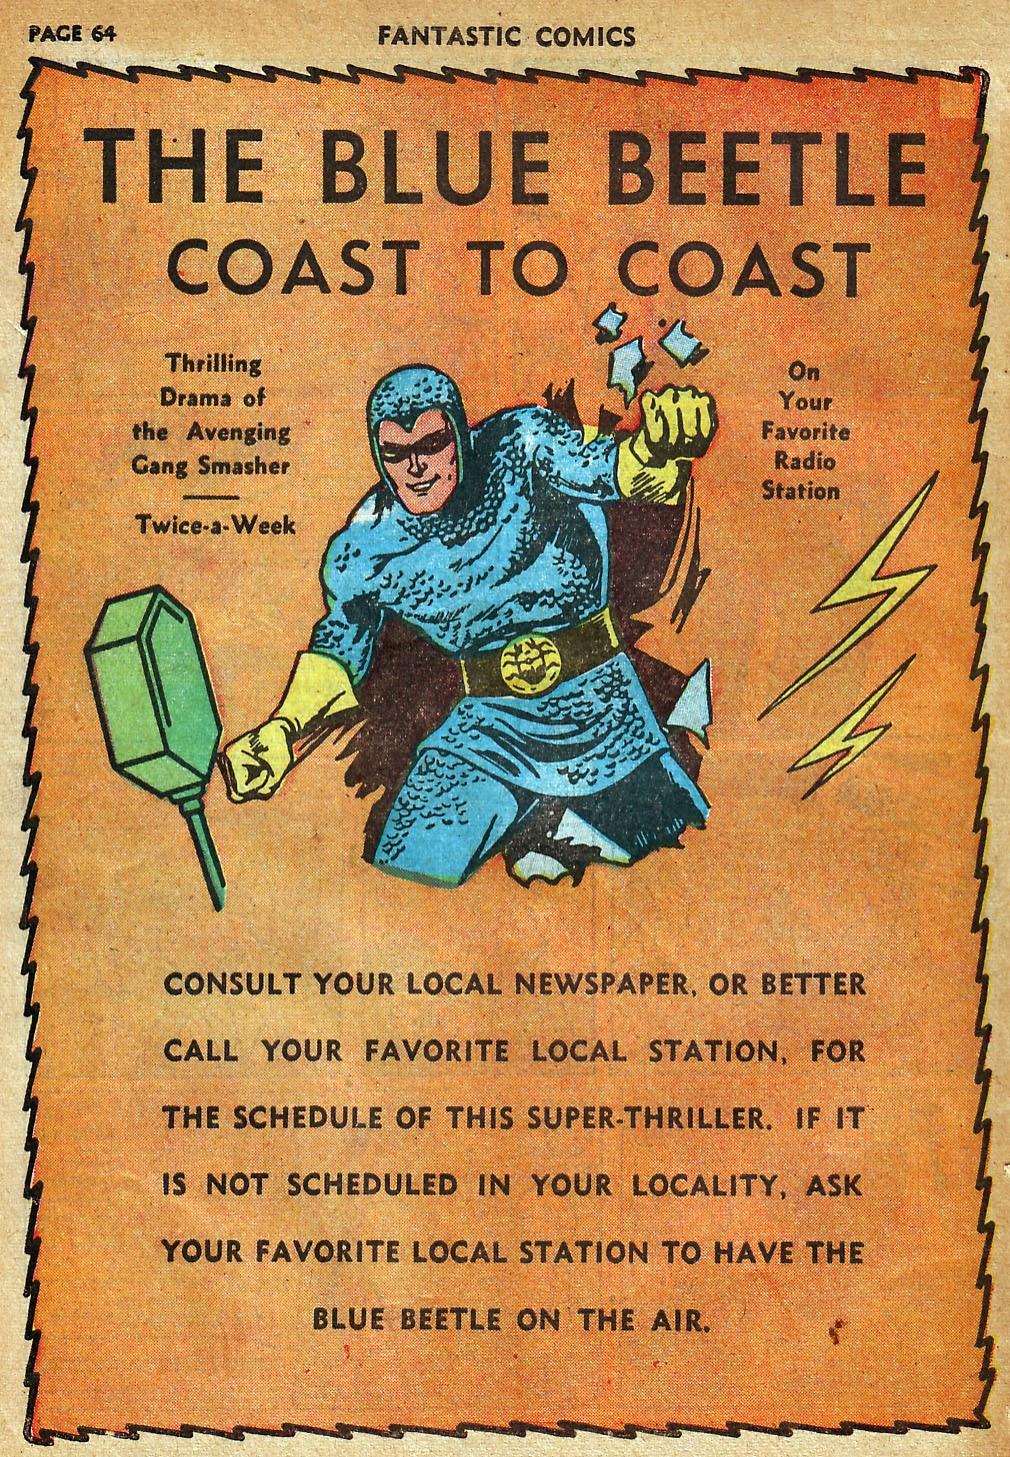 Read online Fantastic Comics comic -  Issue #22 - 65